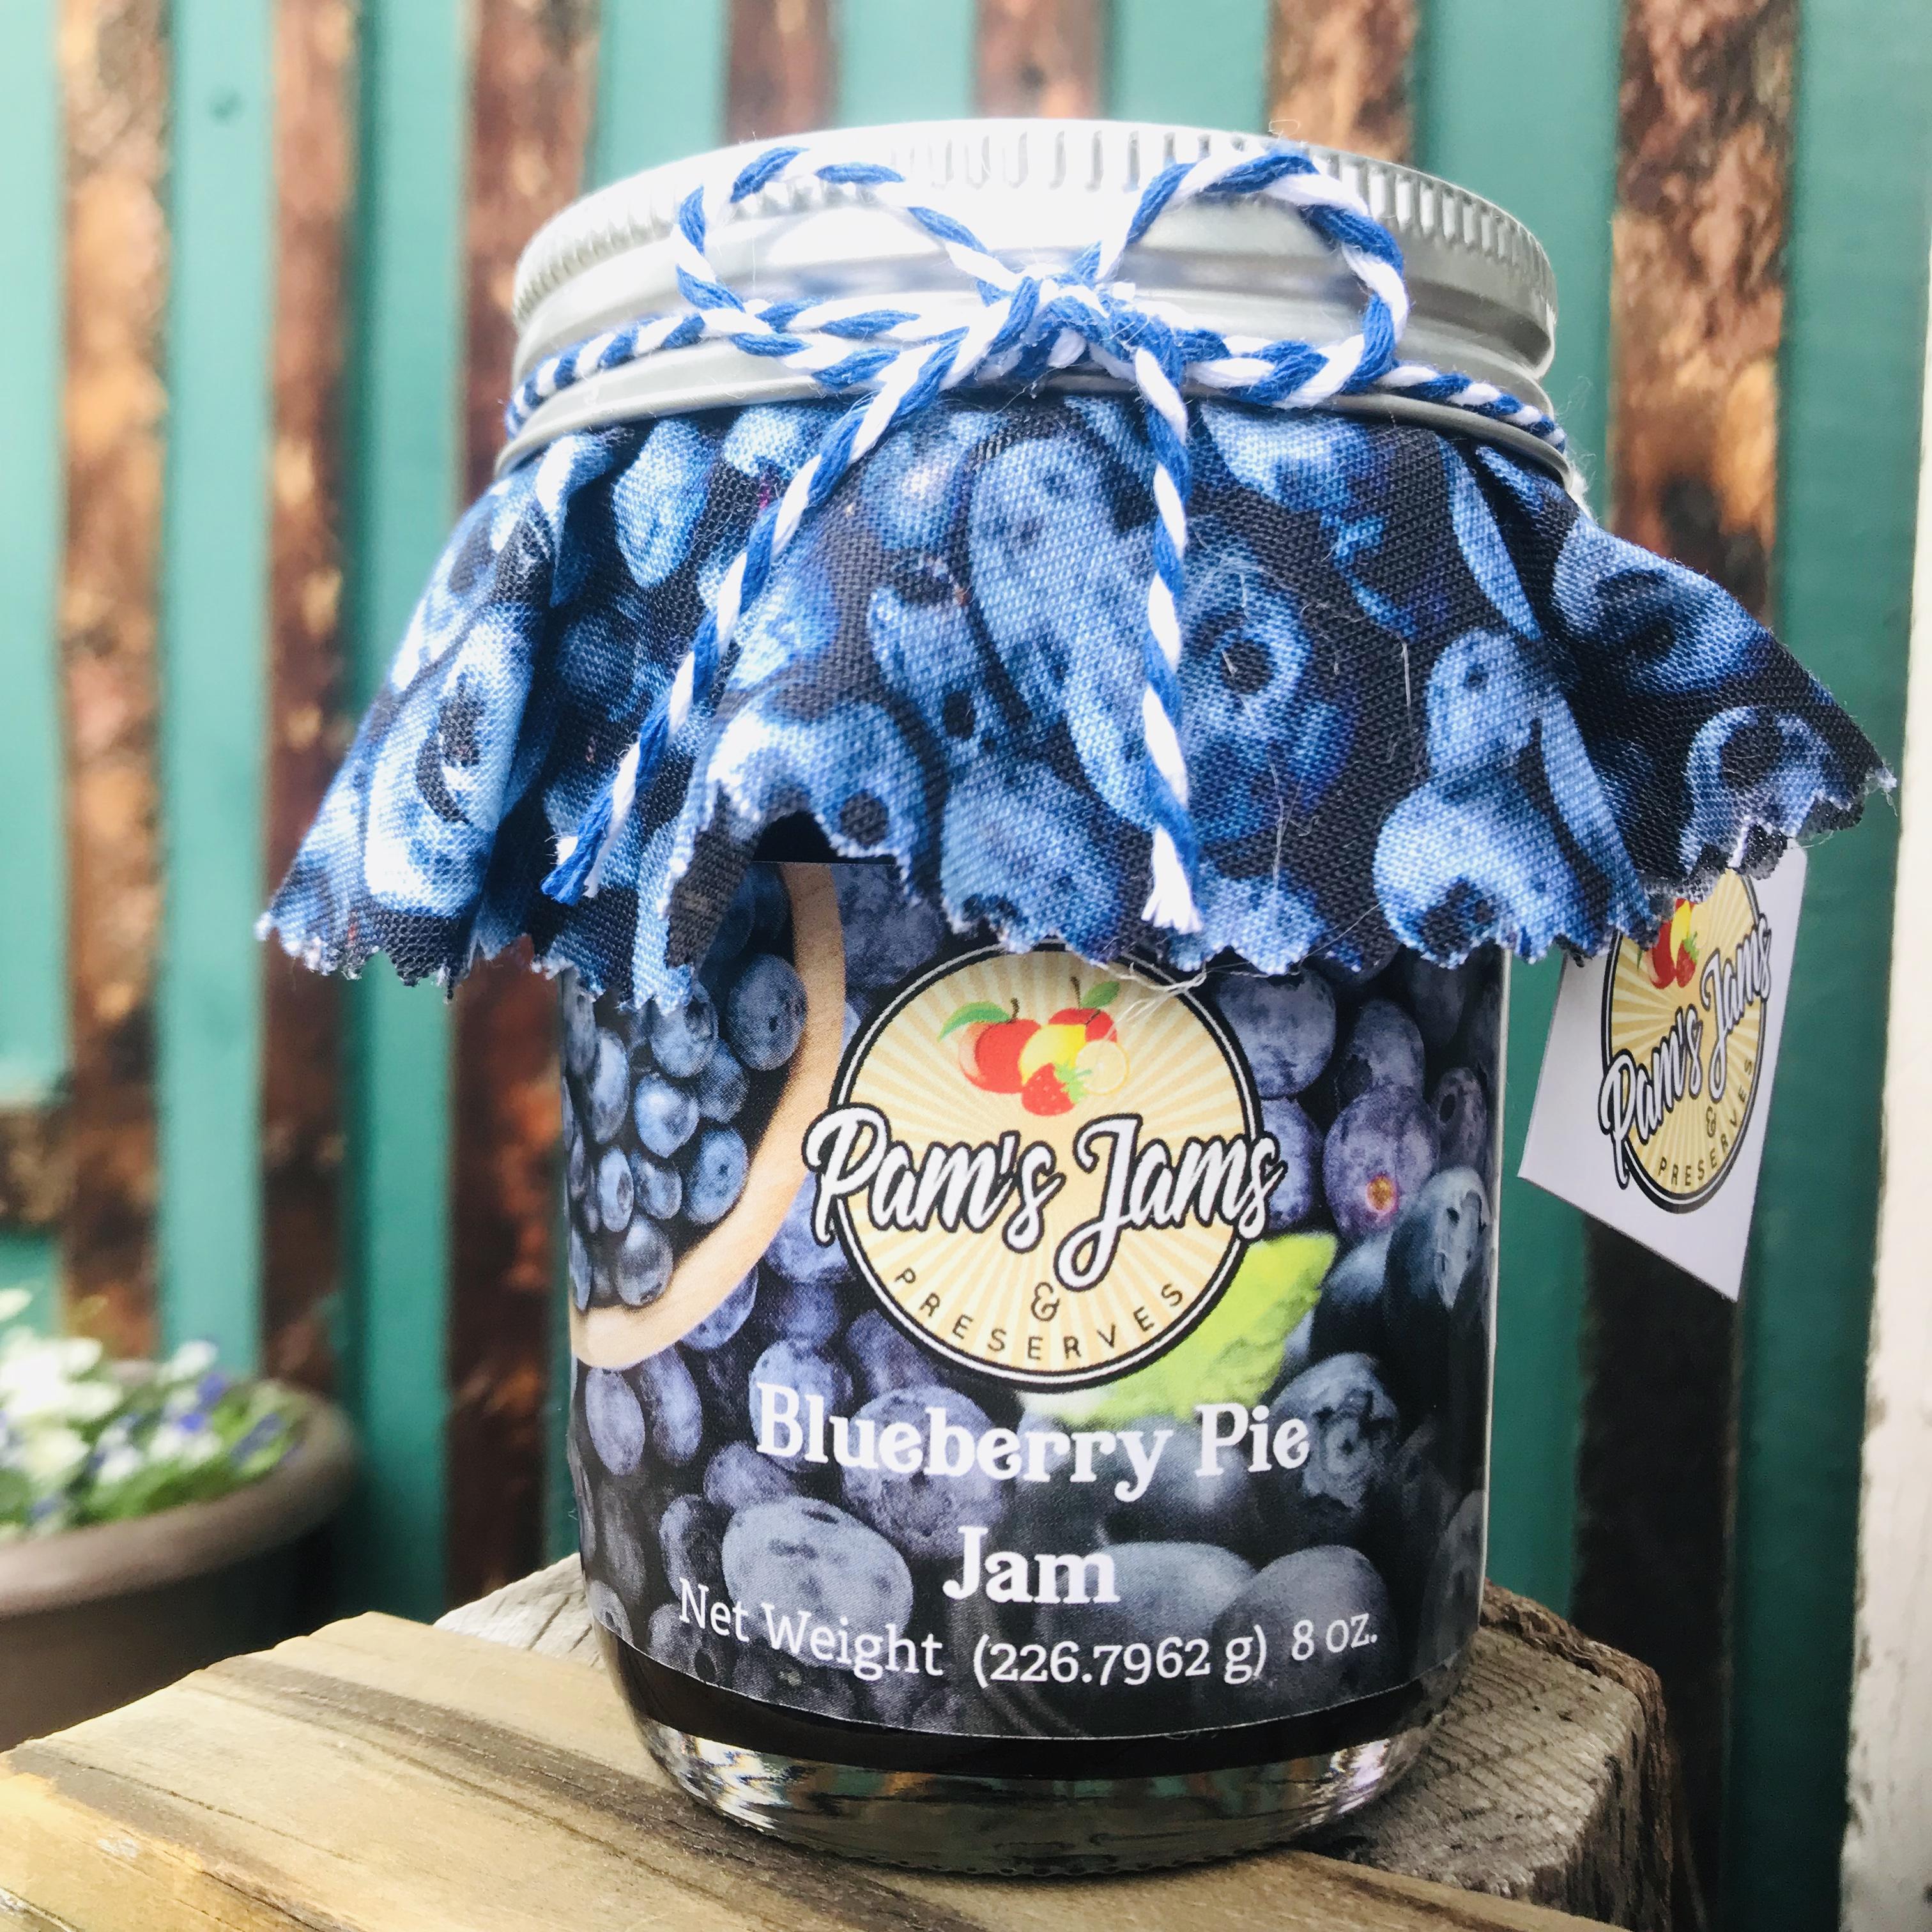 Pams-Jams-Blueberry-Pie